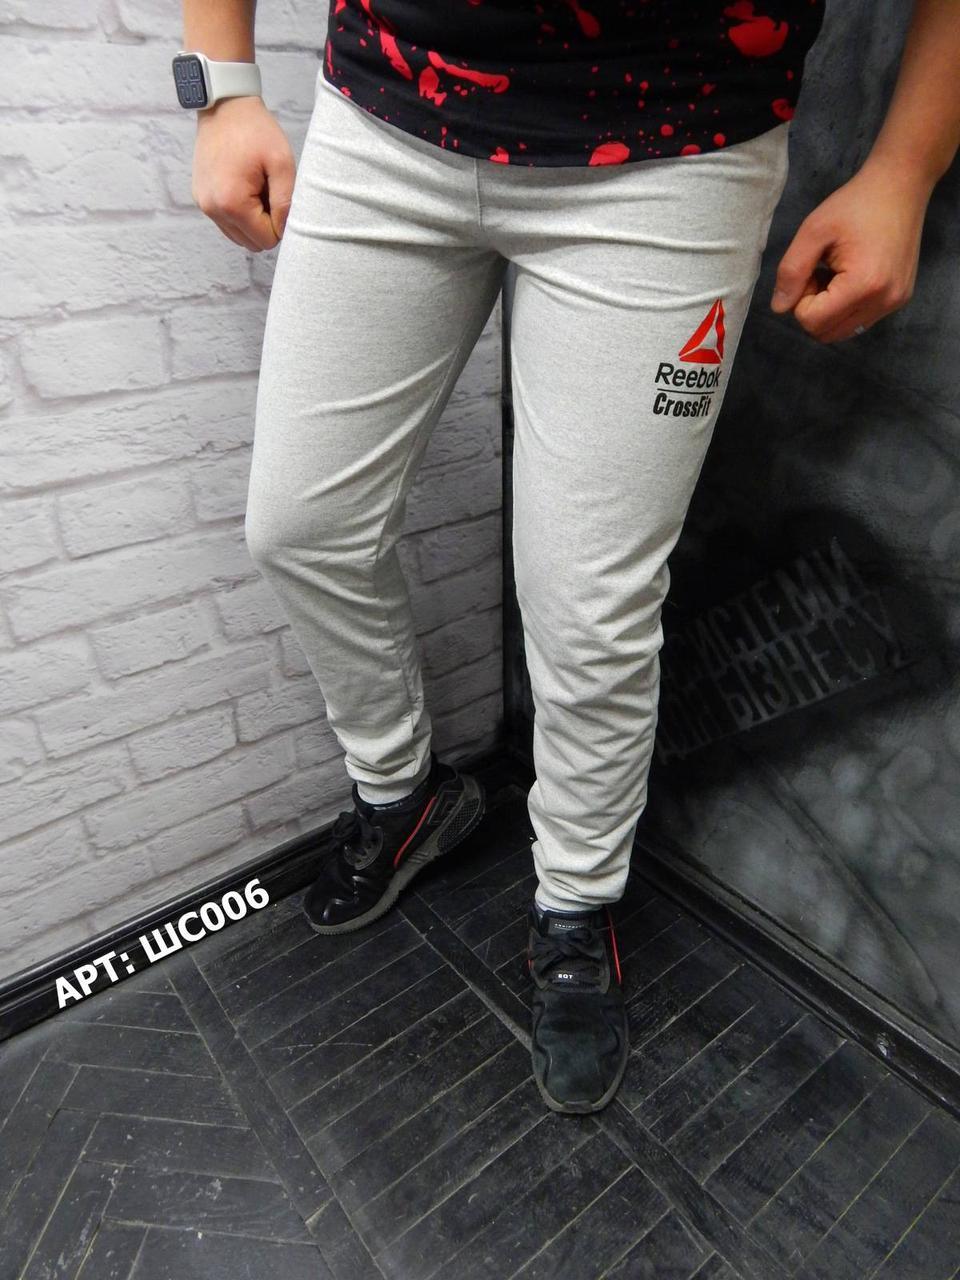 Чоловічі штани Reebok. Розміри: 54(2XL)